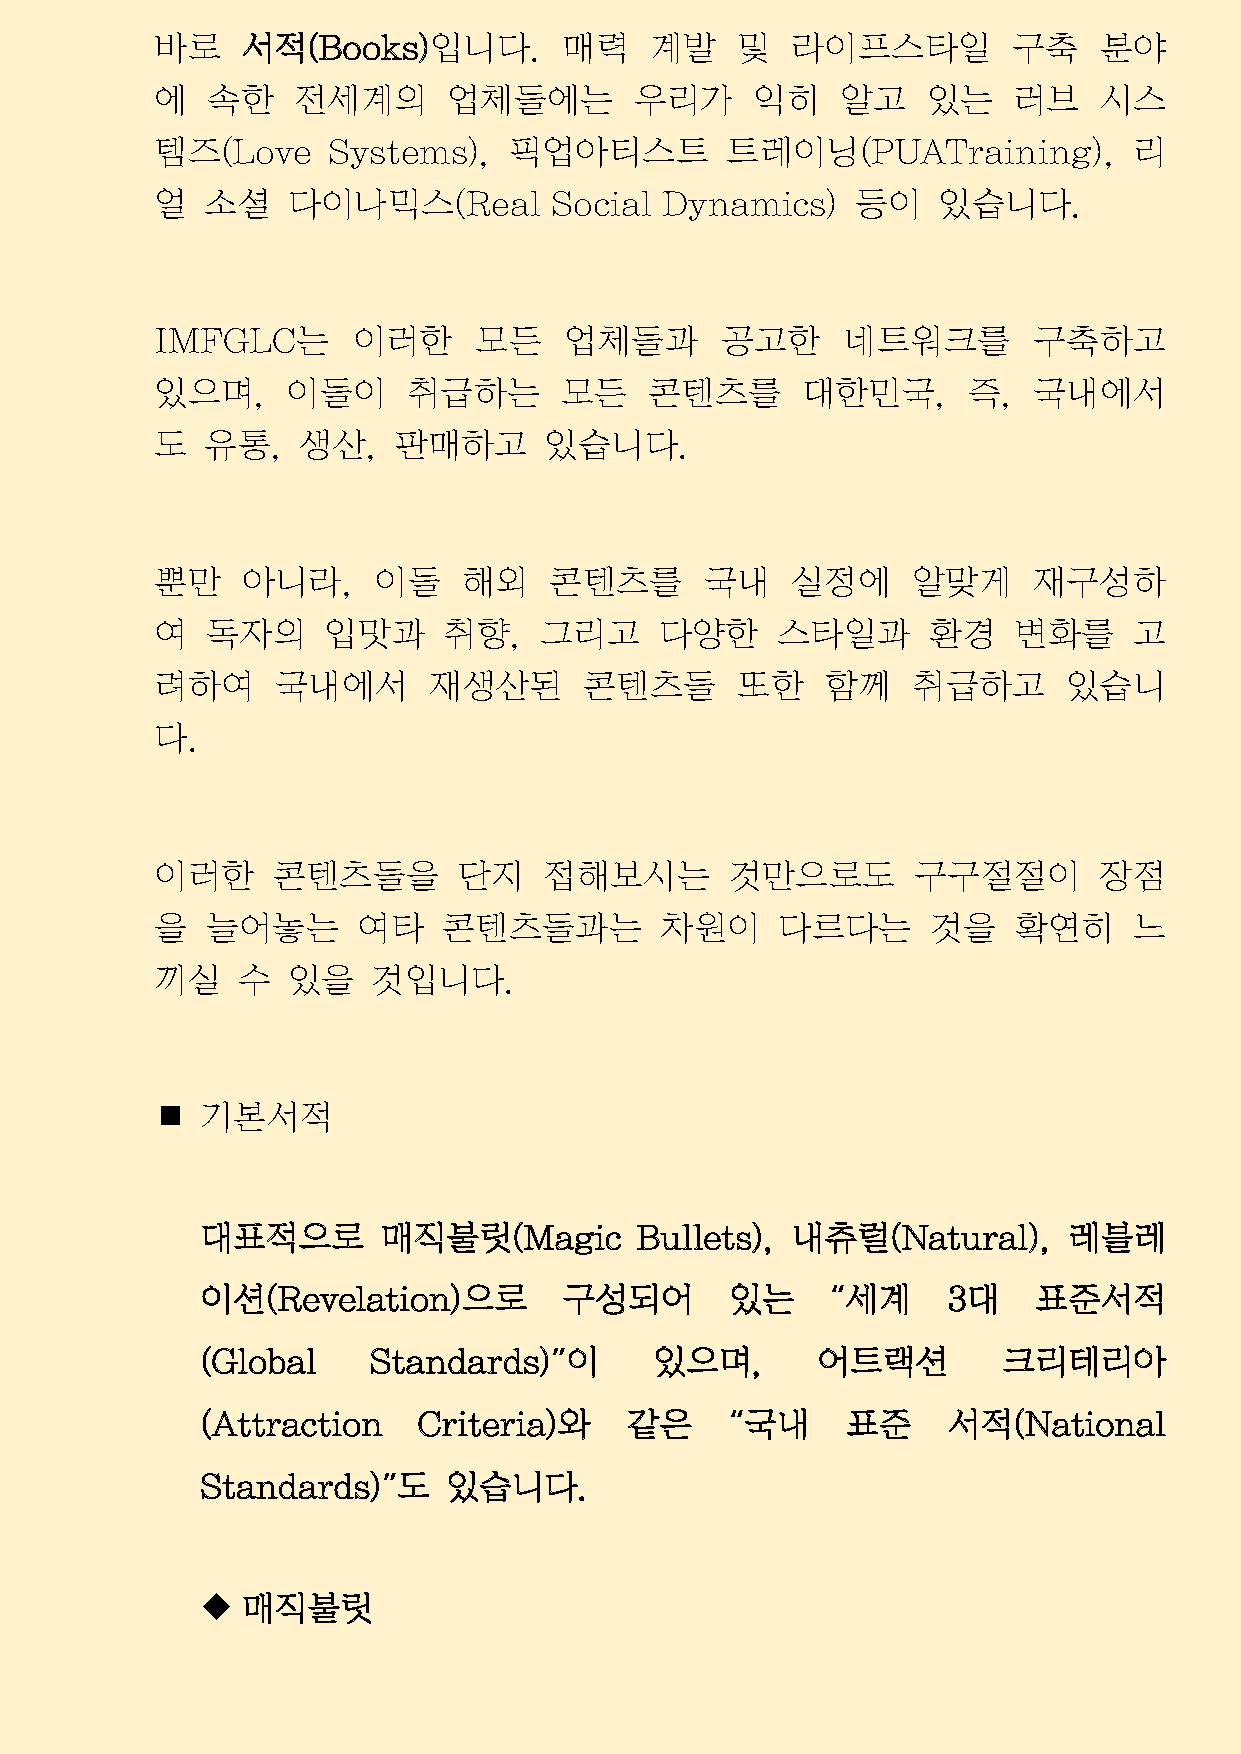 이용매뉴얼_Page_12.png